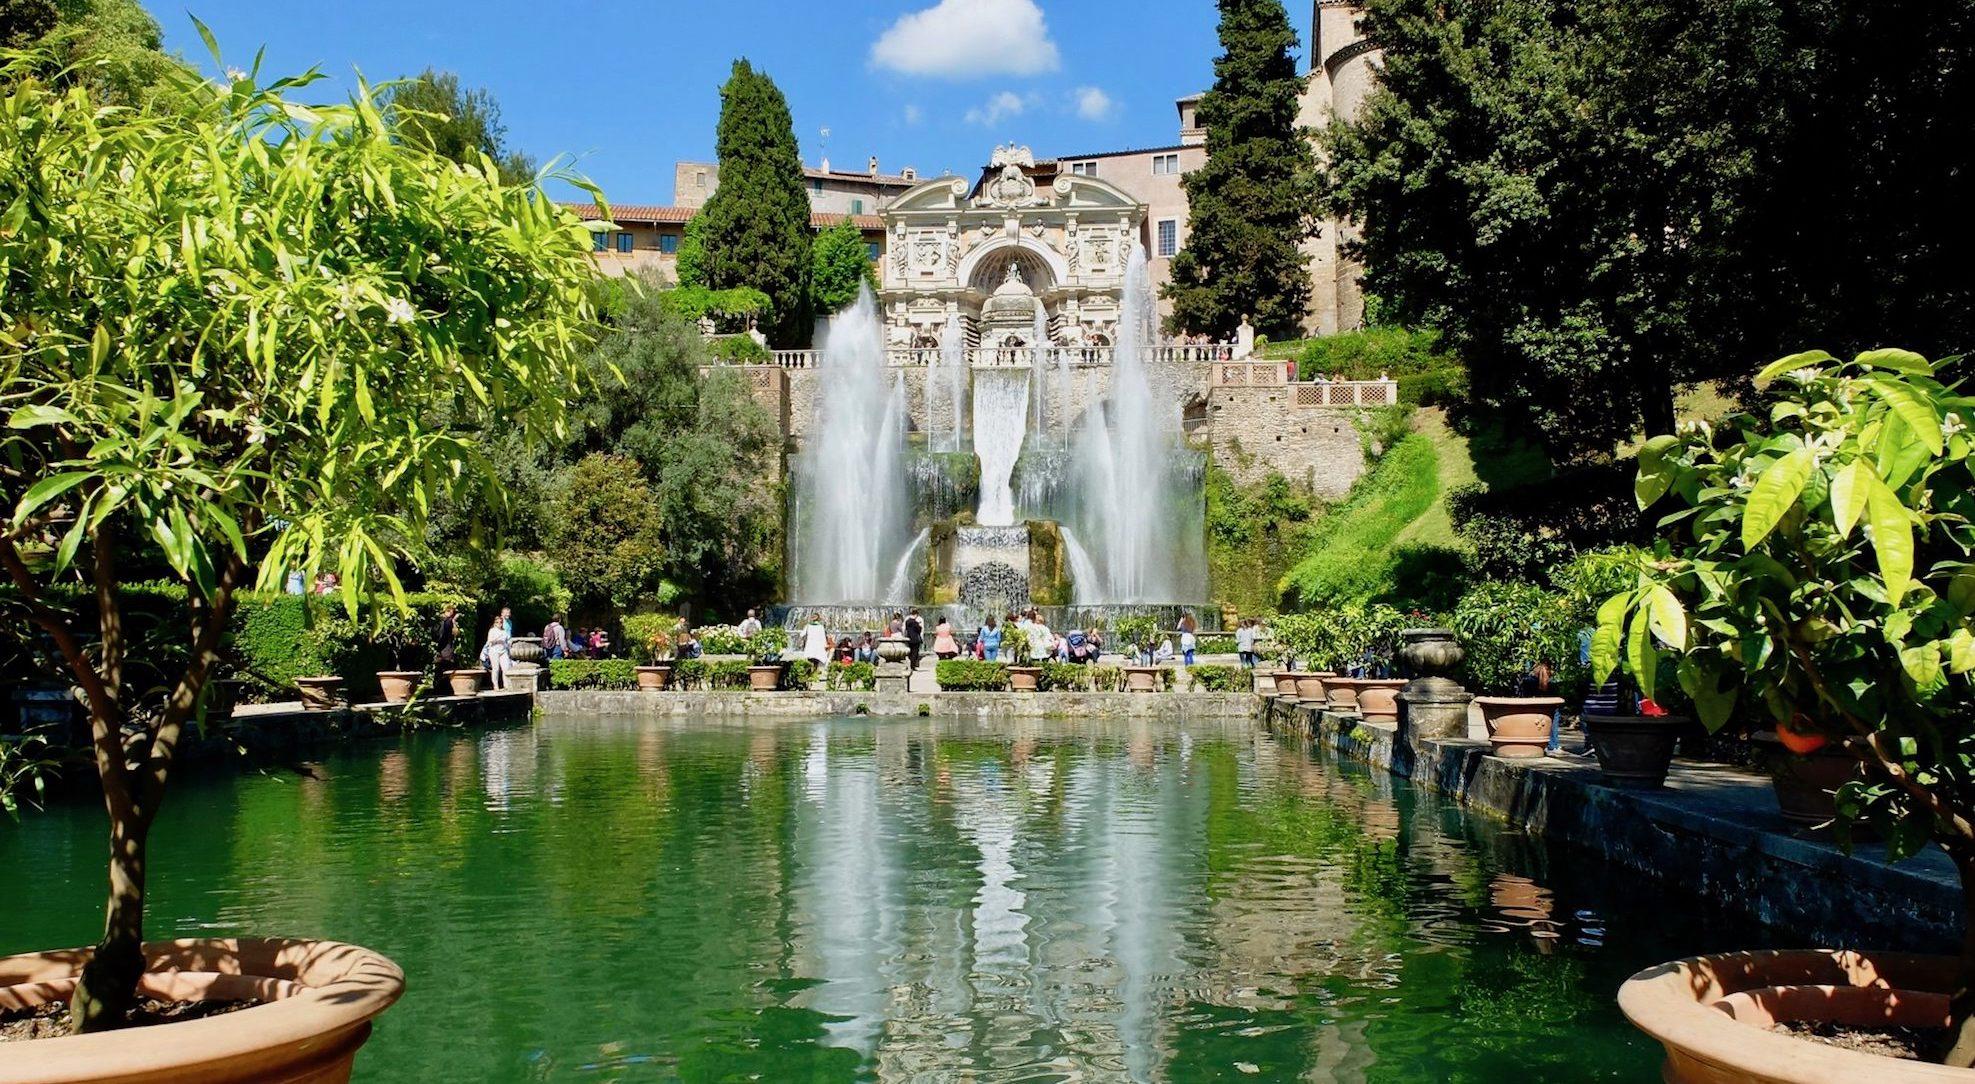 Italian Garden Tour Villa d'Este